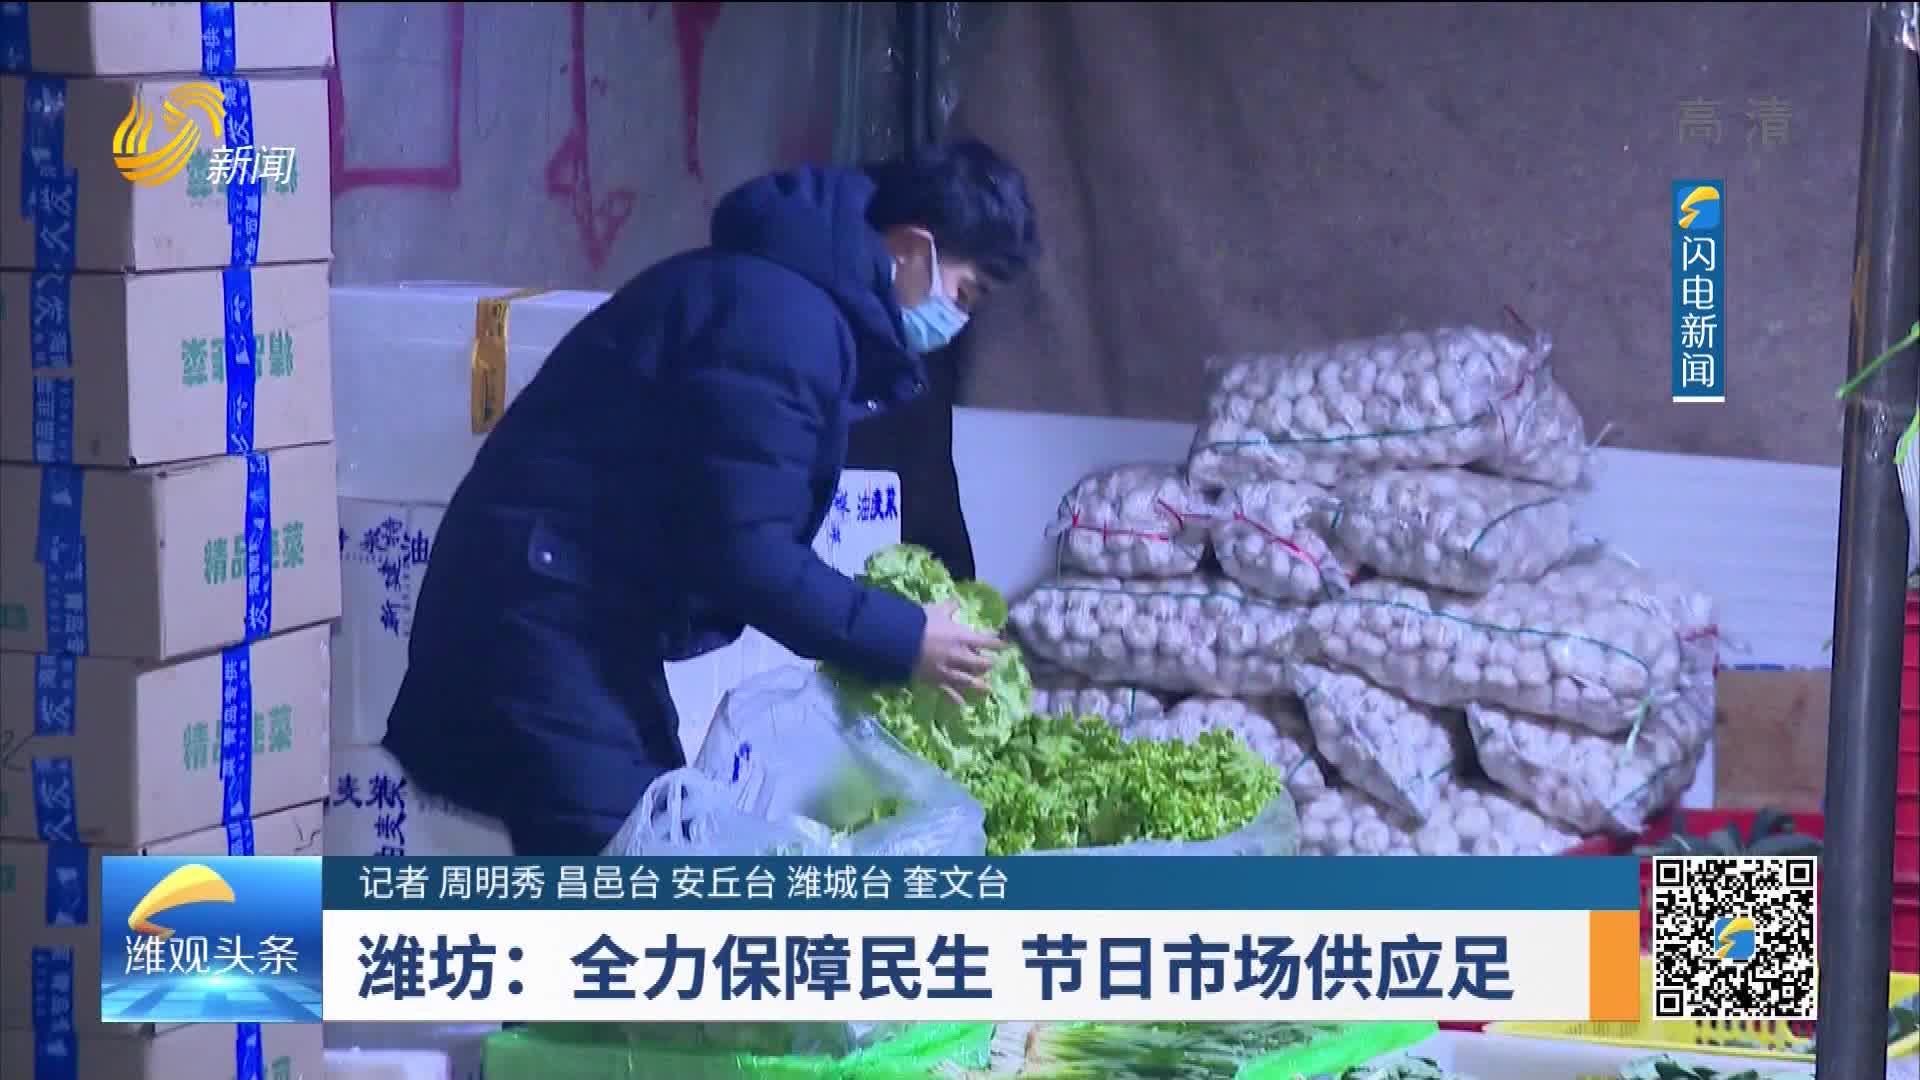 【潍不雅观头条】潍坊:全力保障民生 节日市场供应足